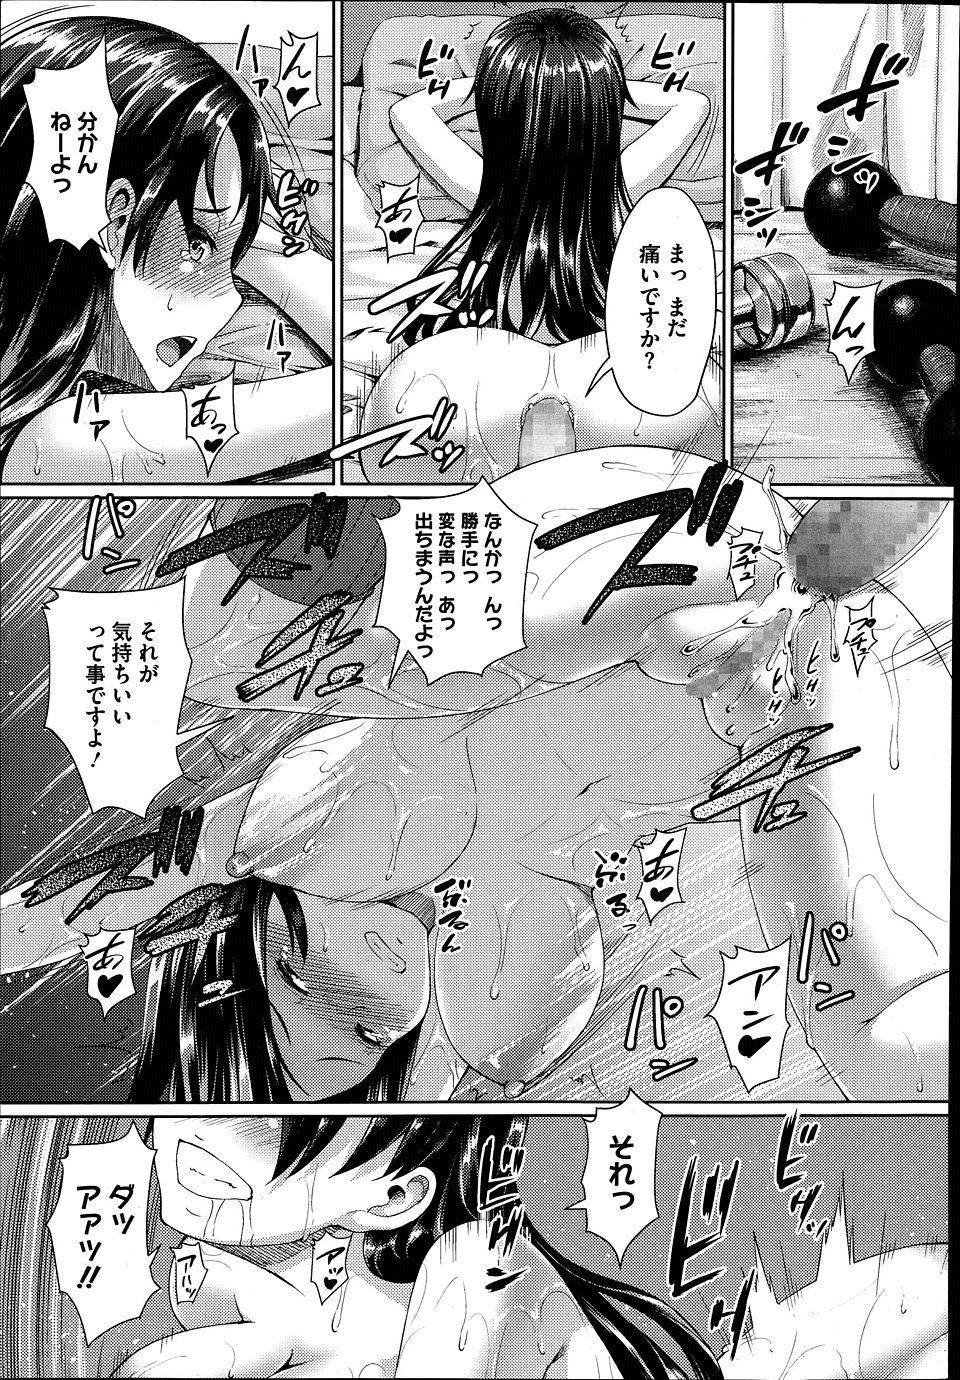 【エロ漫画・エロ同人誌】巨乳のヤンキー娘がエロ本でやってるアナルセックスに興味持っちゃったwww (17)